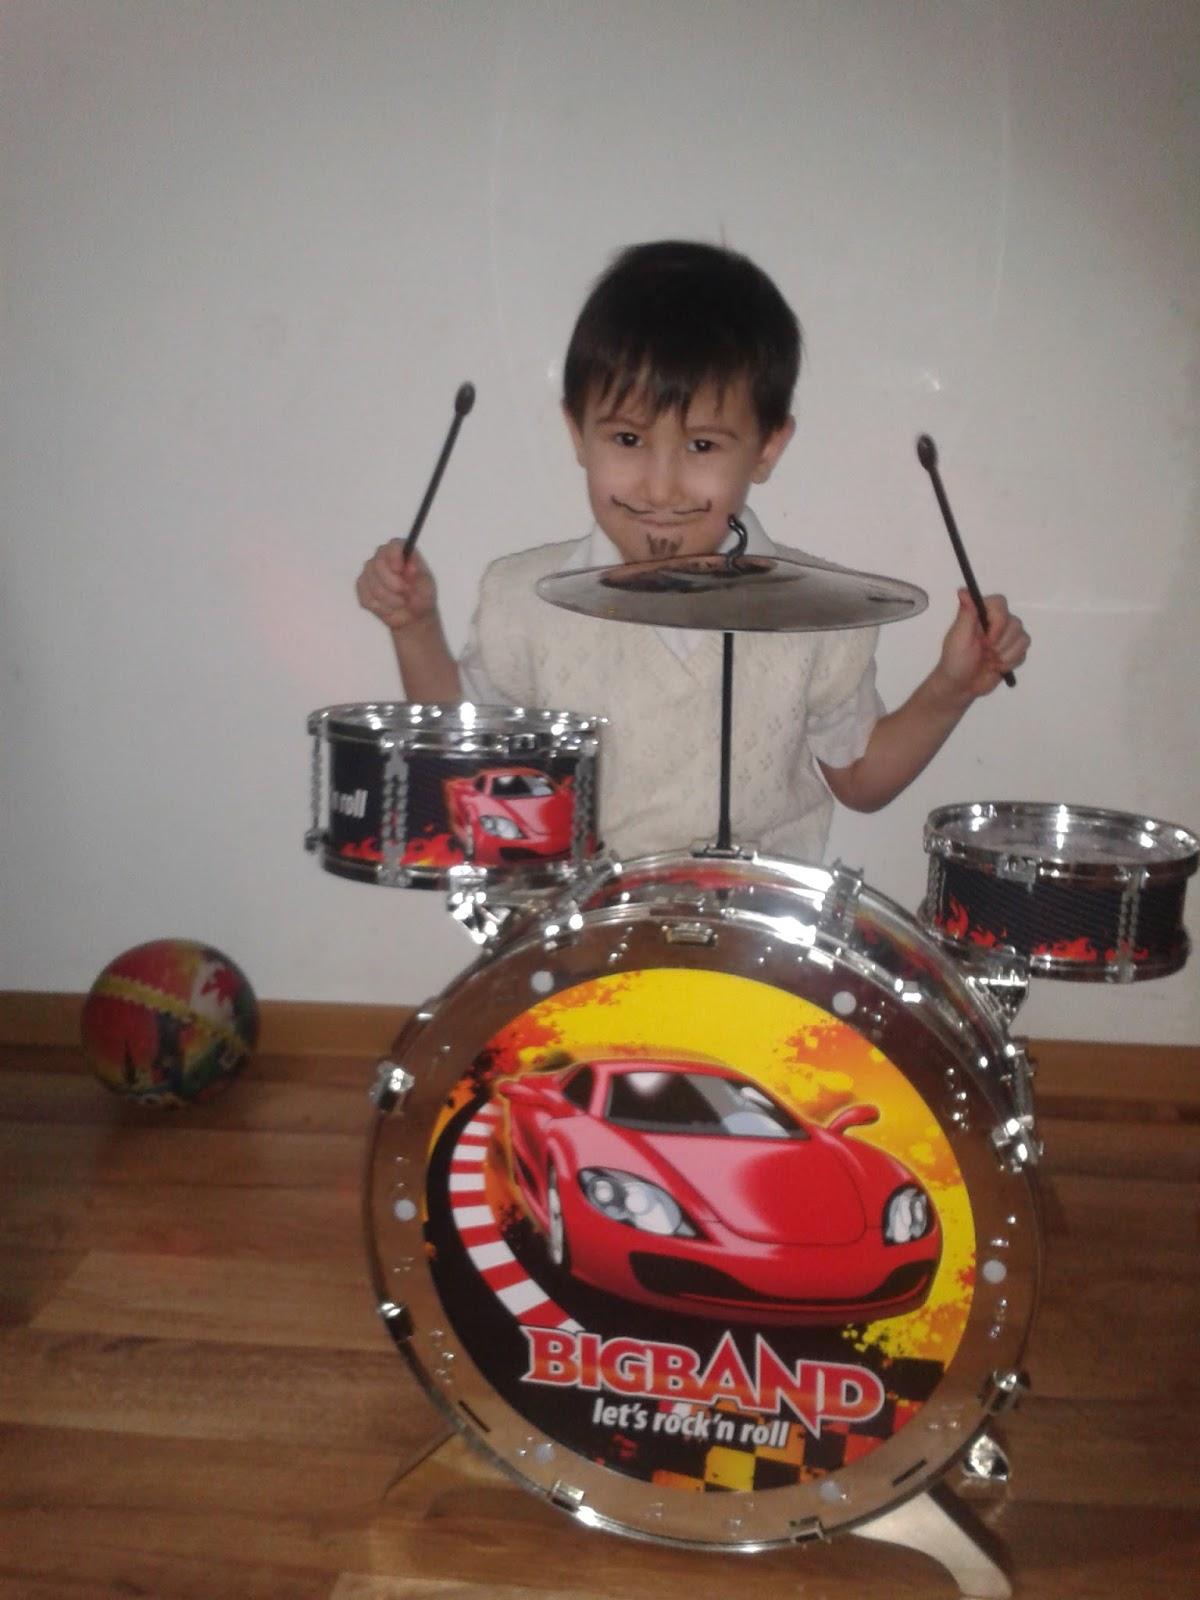 Подарок для мальчика 13 лет фото